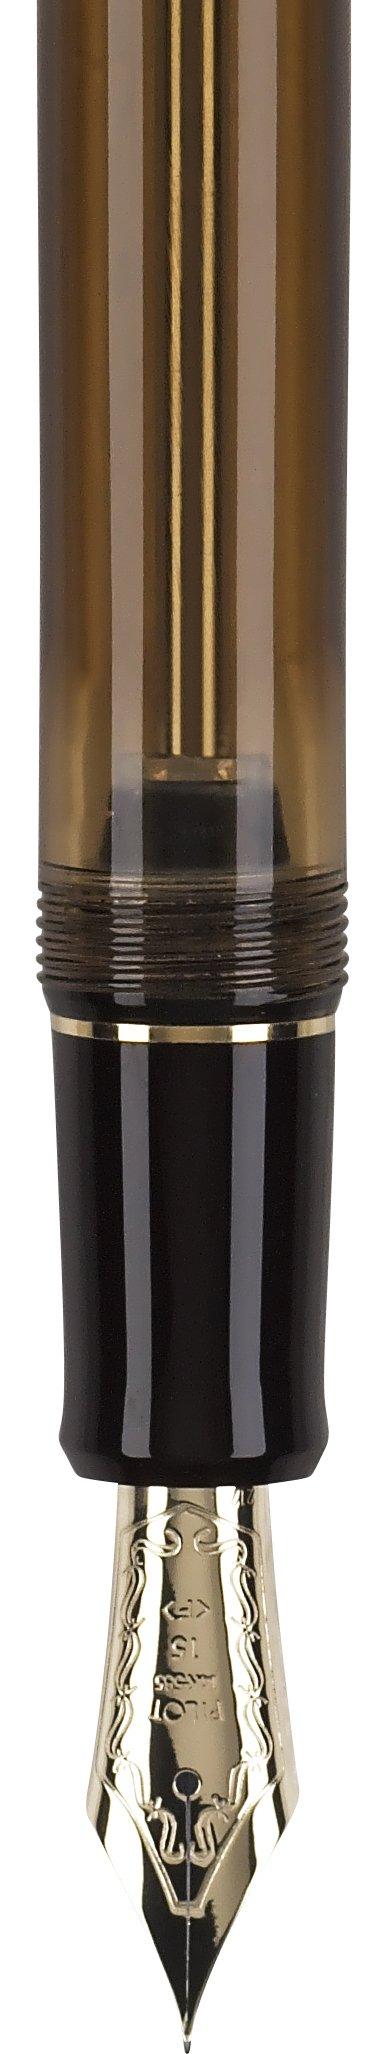 Pilot Custom 823 Fountain Pen, Amber Barrel, Blue Ink, Medium Nib (60556) by Pilot (Image #4)